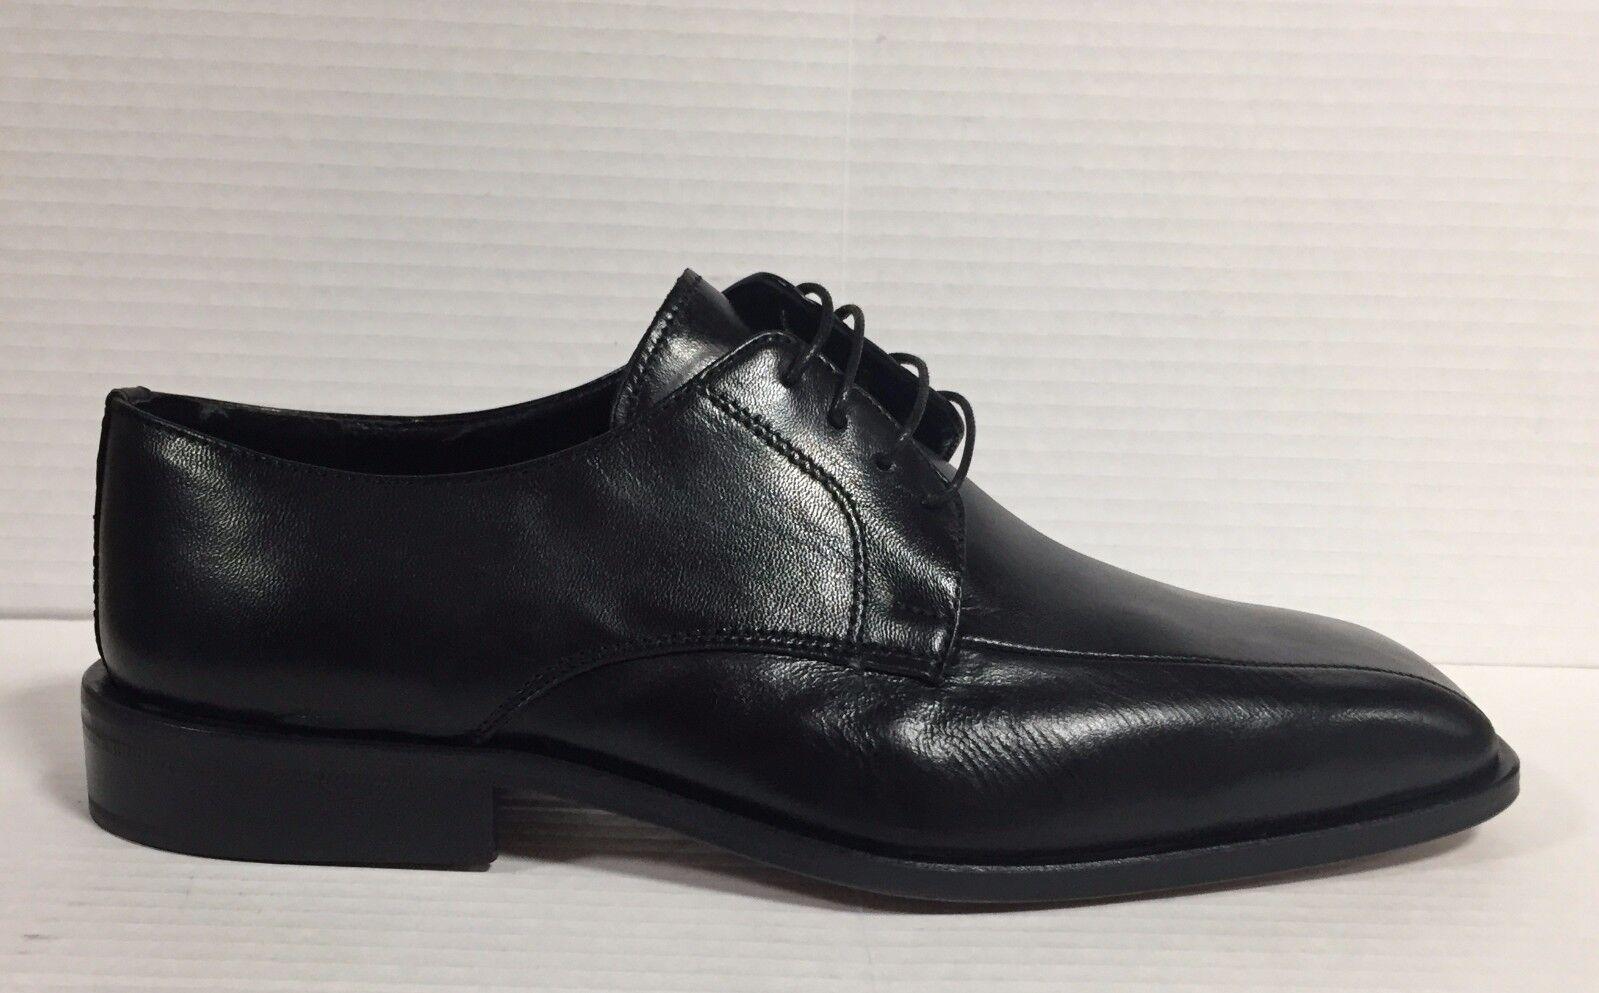 MELLUSO pelle scarpe uomo classiche in pelle MELLUSO nero suola in cuoio made in Italy U0662 94a32a